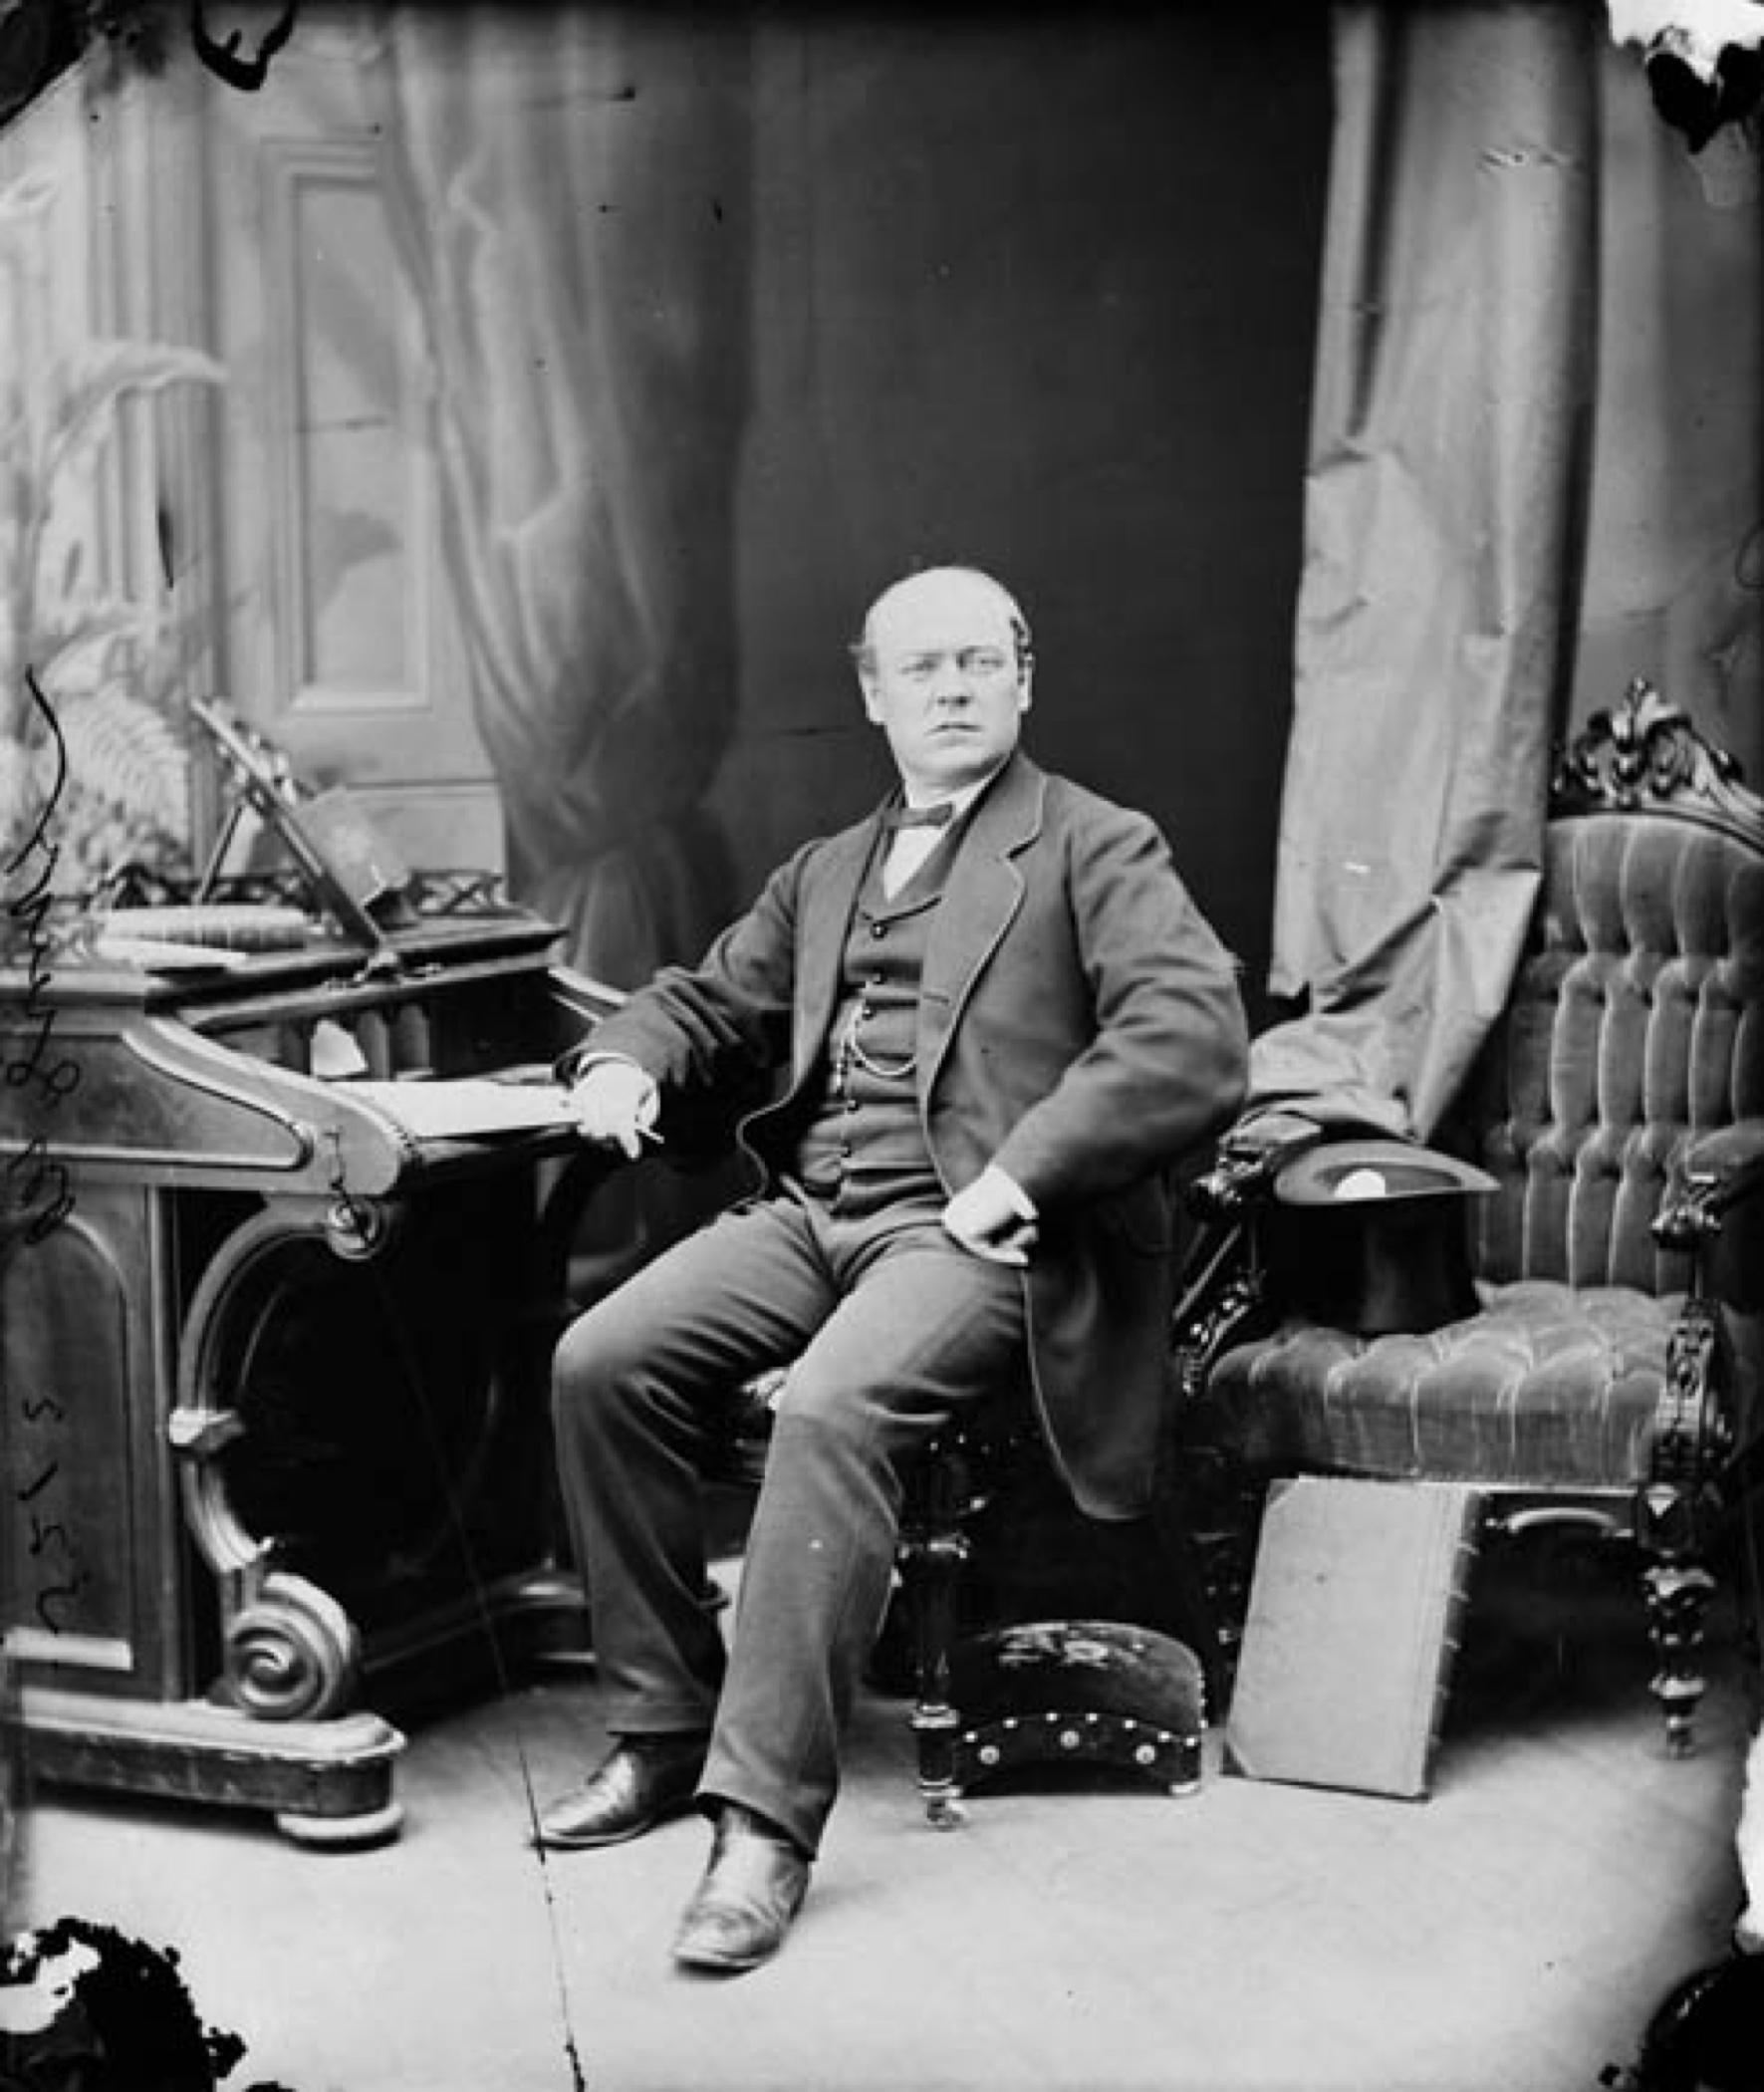 Photo noir et blanc d'un homme d'âge moyen (Sir Thomas McGreevy), partiellement chauve, assis sur une chaise capitonnée, son bras droit appuyé sur un secrétaire; son regard tourné vers la caméra. Il est vêtu d'un costume officiel sombre de style mi-victorien; un chapeau haut-de-forme repose à l'envers sur une autre chaise en velours capitonnée à ses côtés. En arrière-plan, des tentures suspendues dont une devant une porte.